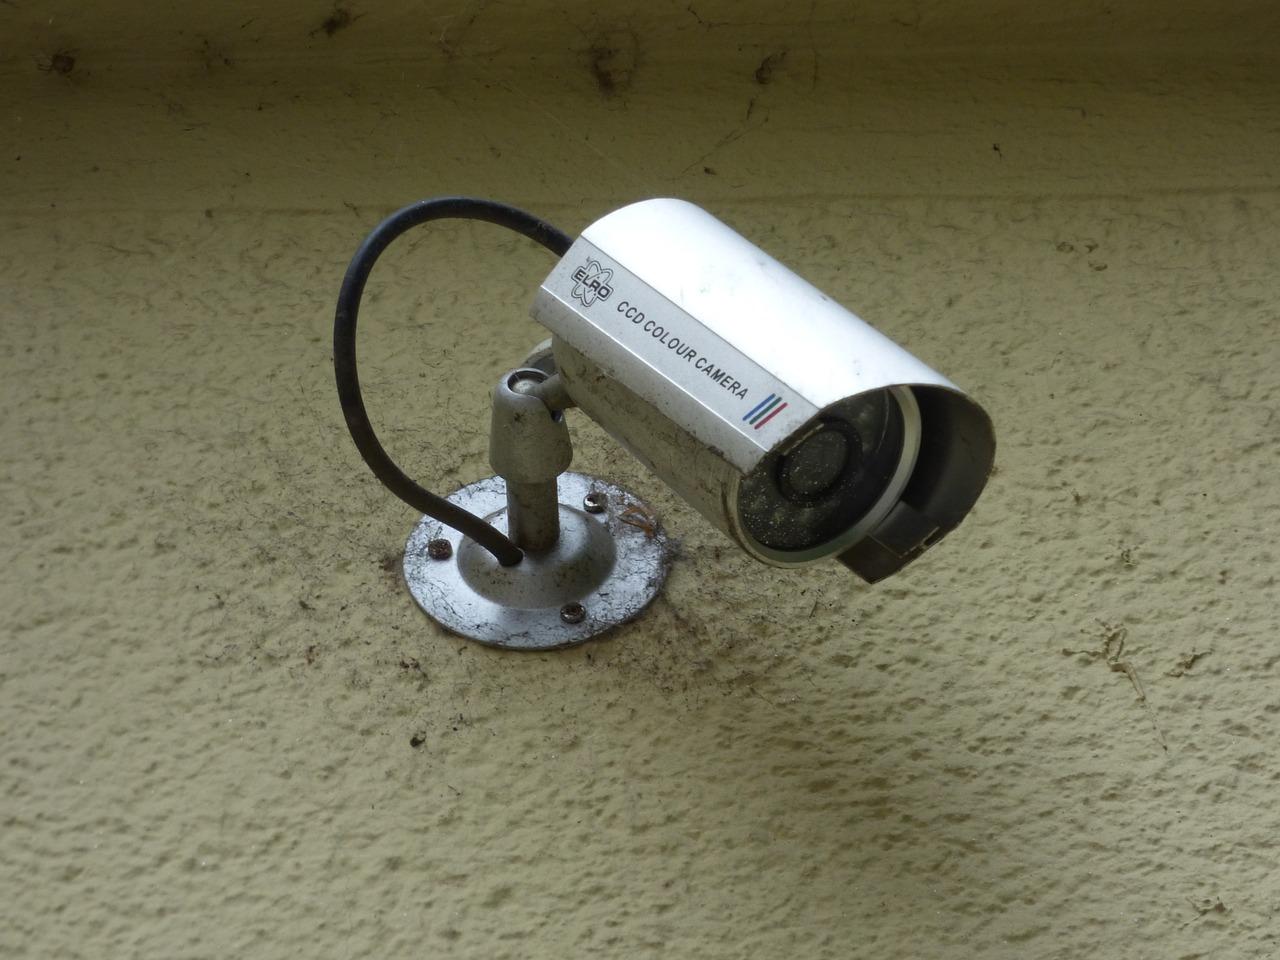 Caméra de surveillance domestique, quelques conseils pour la choisir